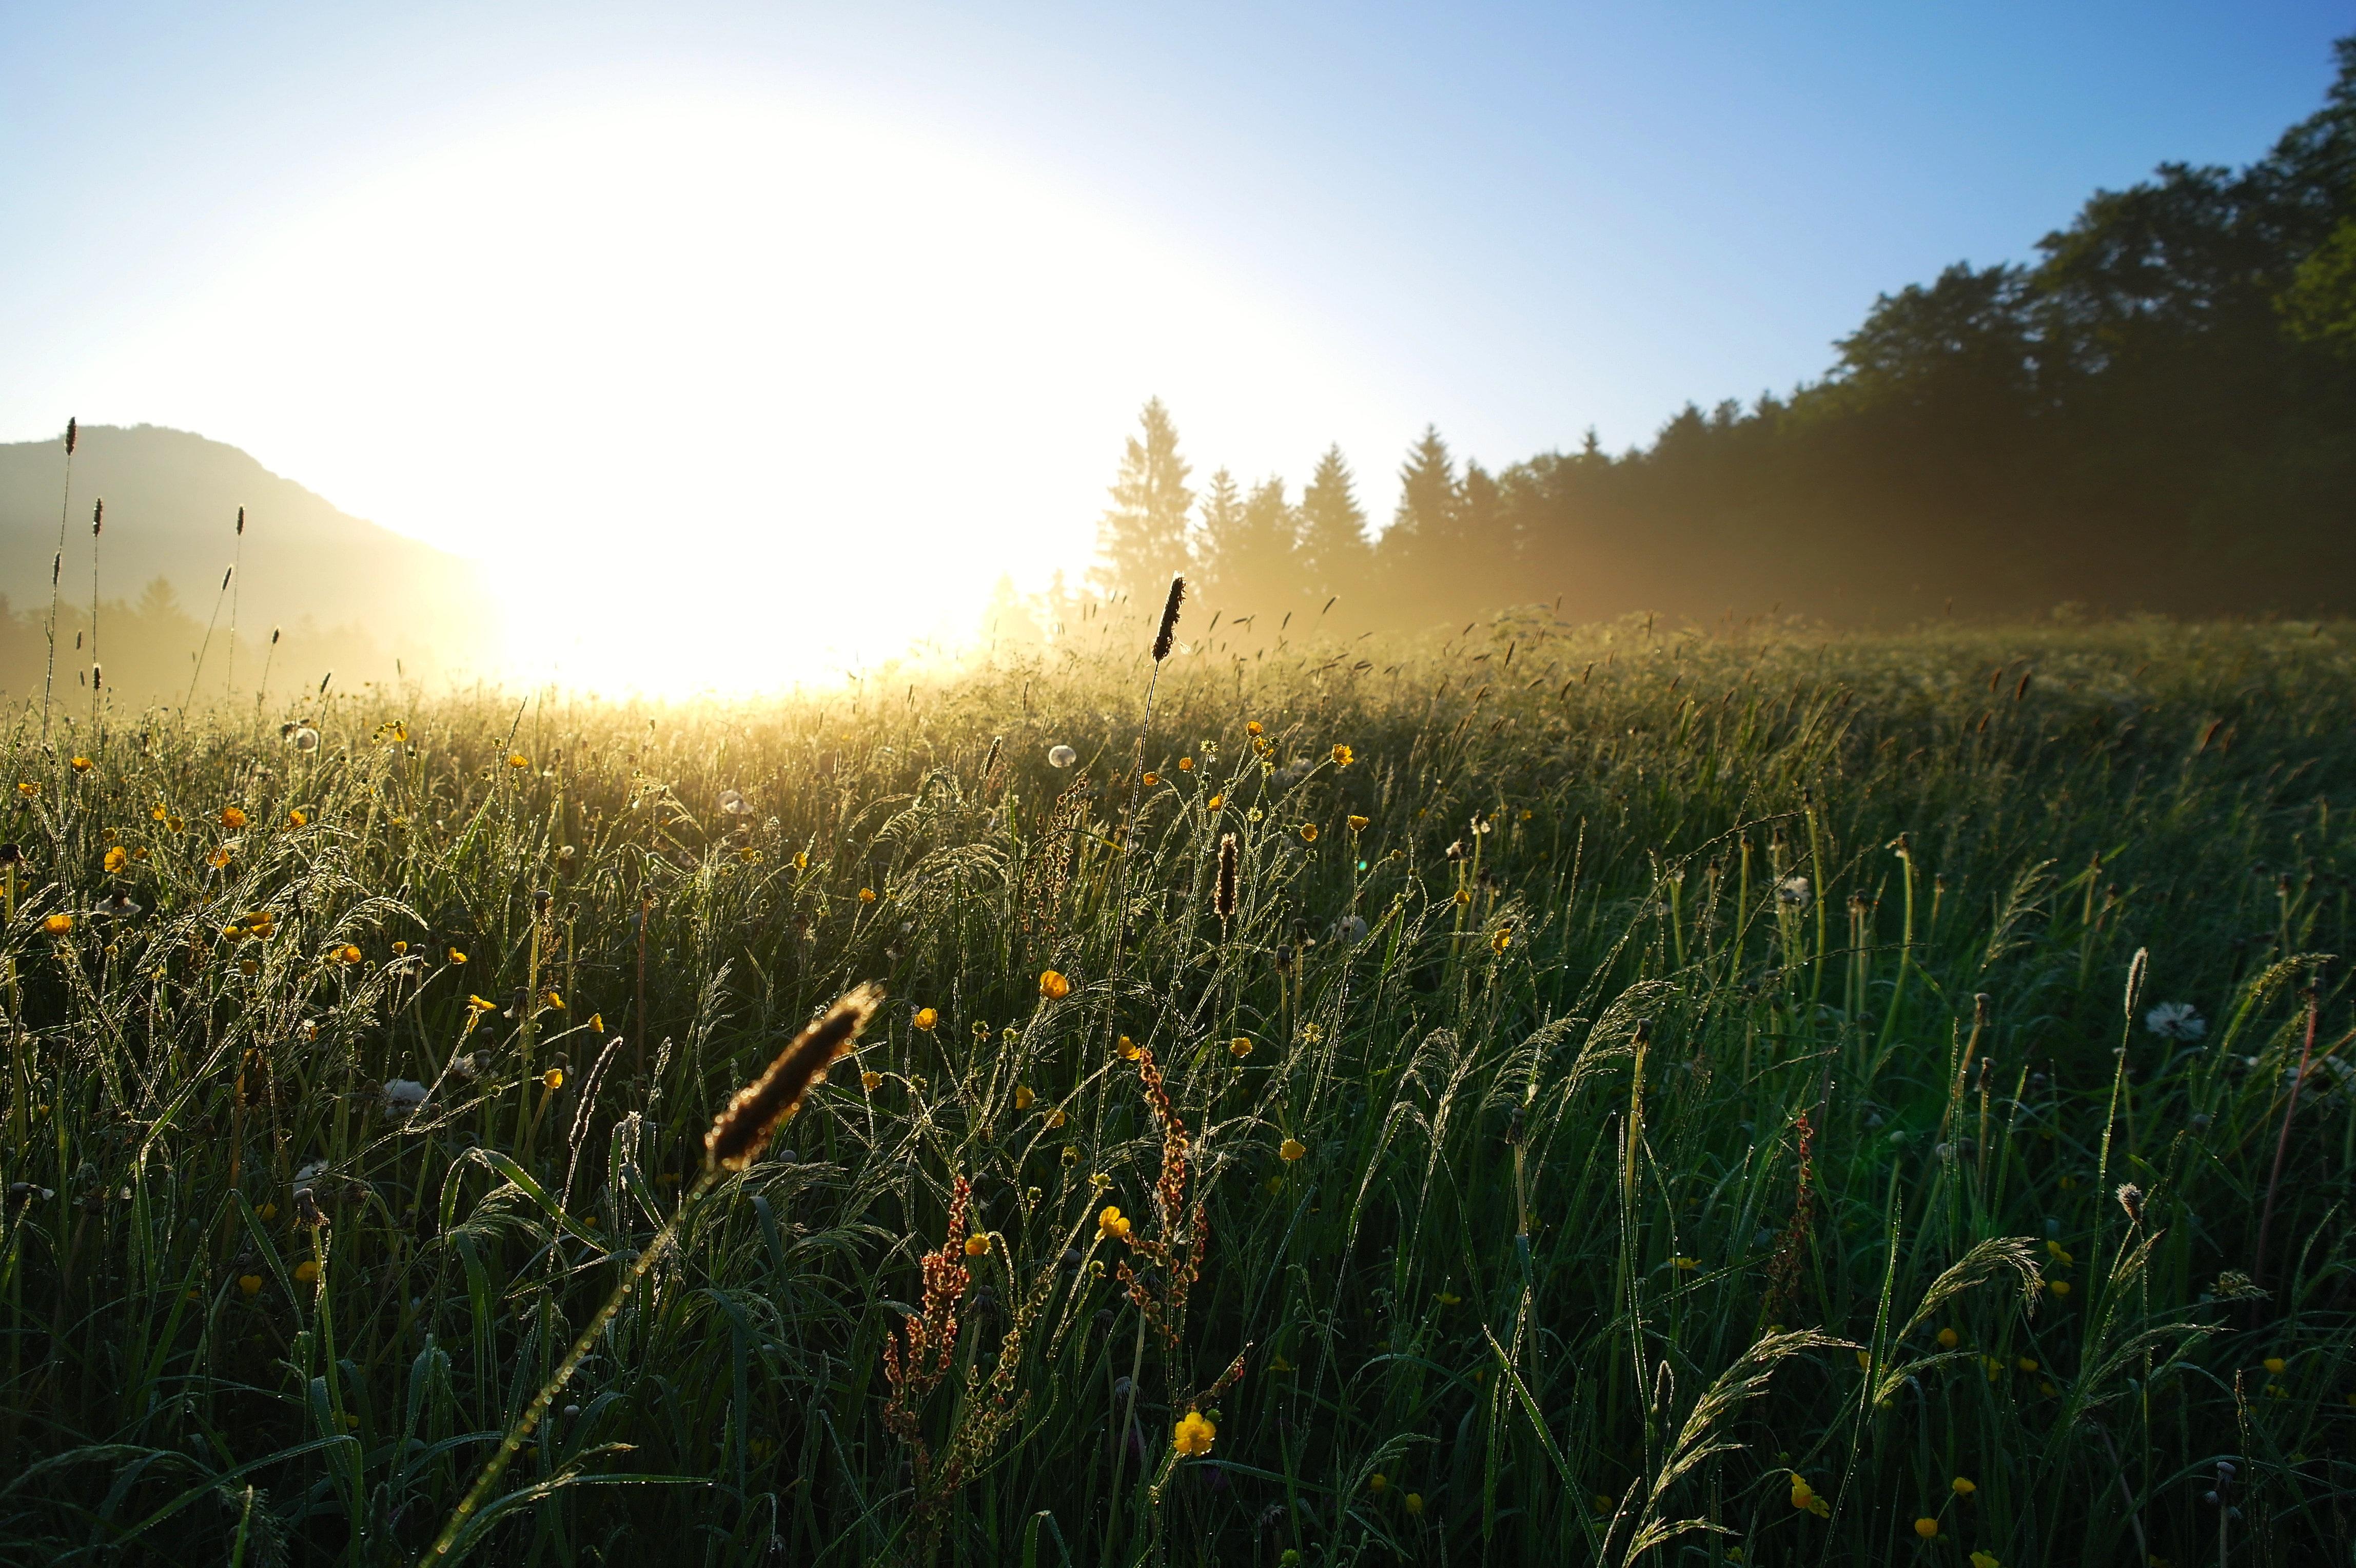 восход солнца в поле фото обоями картинками рабочий